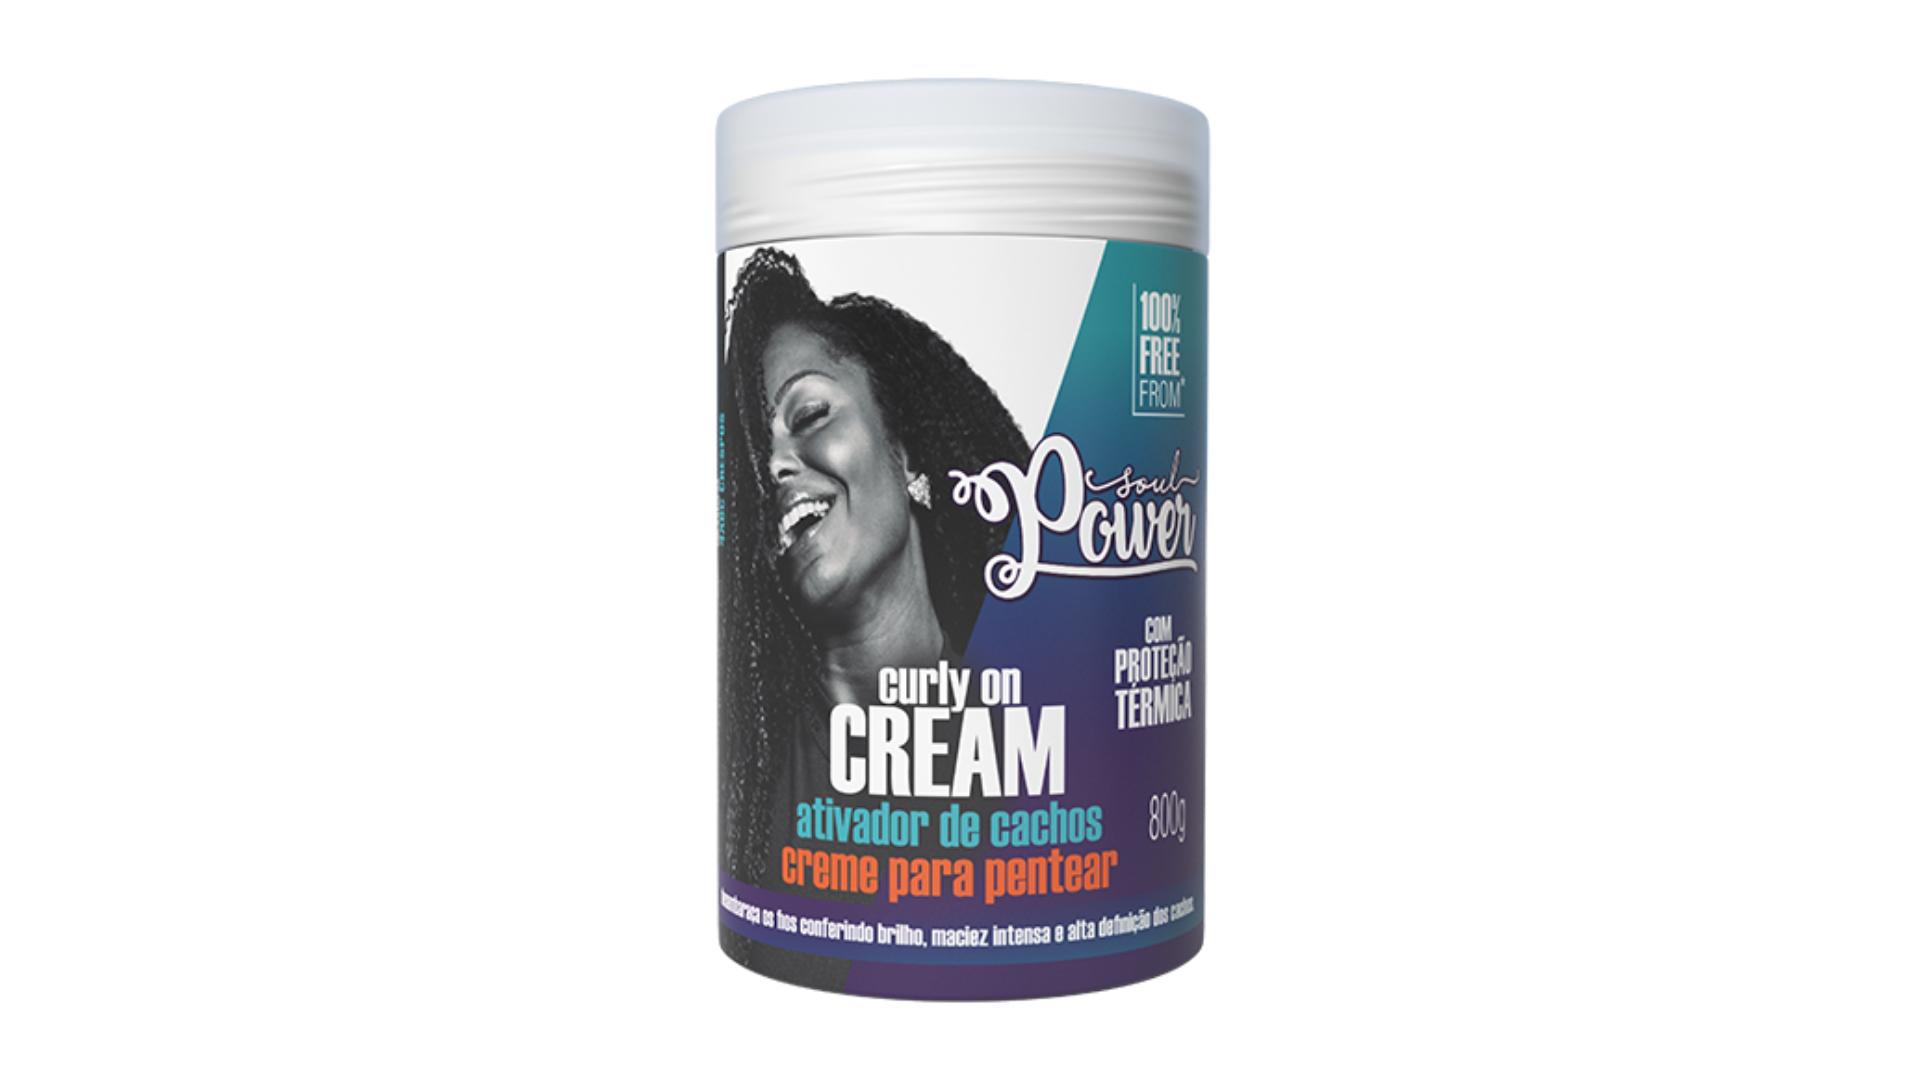 Soul Power Curly On Cream (Imagem: Divulgação/Soul Power)